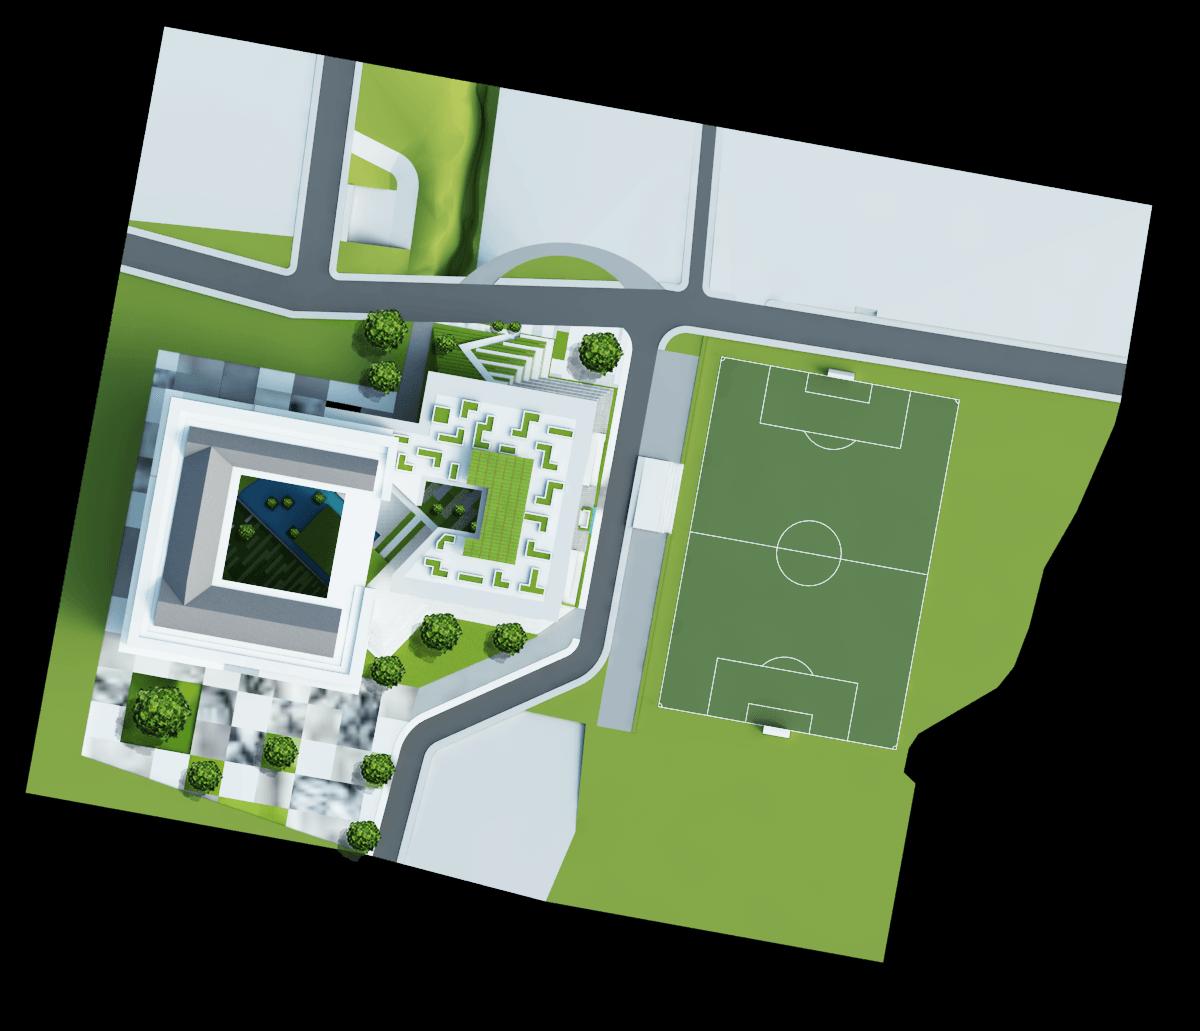 Astabumi Architect & Interior Design Fakultas Hukum Universitas Islam Indonesia Yogyakarta Yogyakarta Site-Plan-Fix  21168